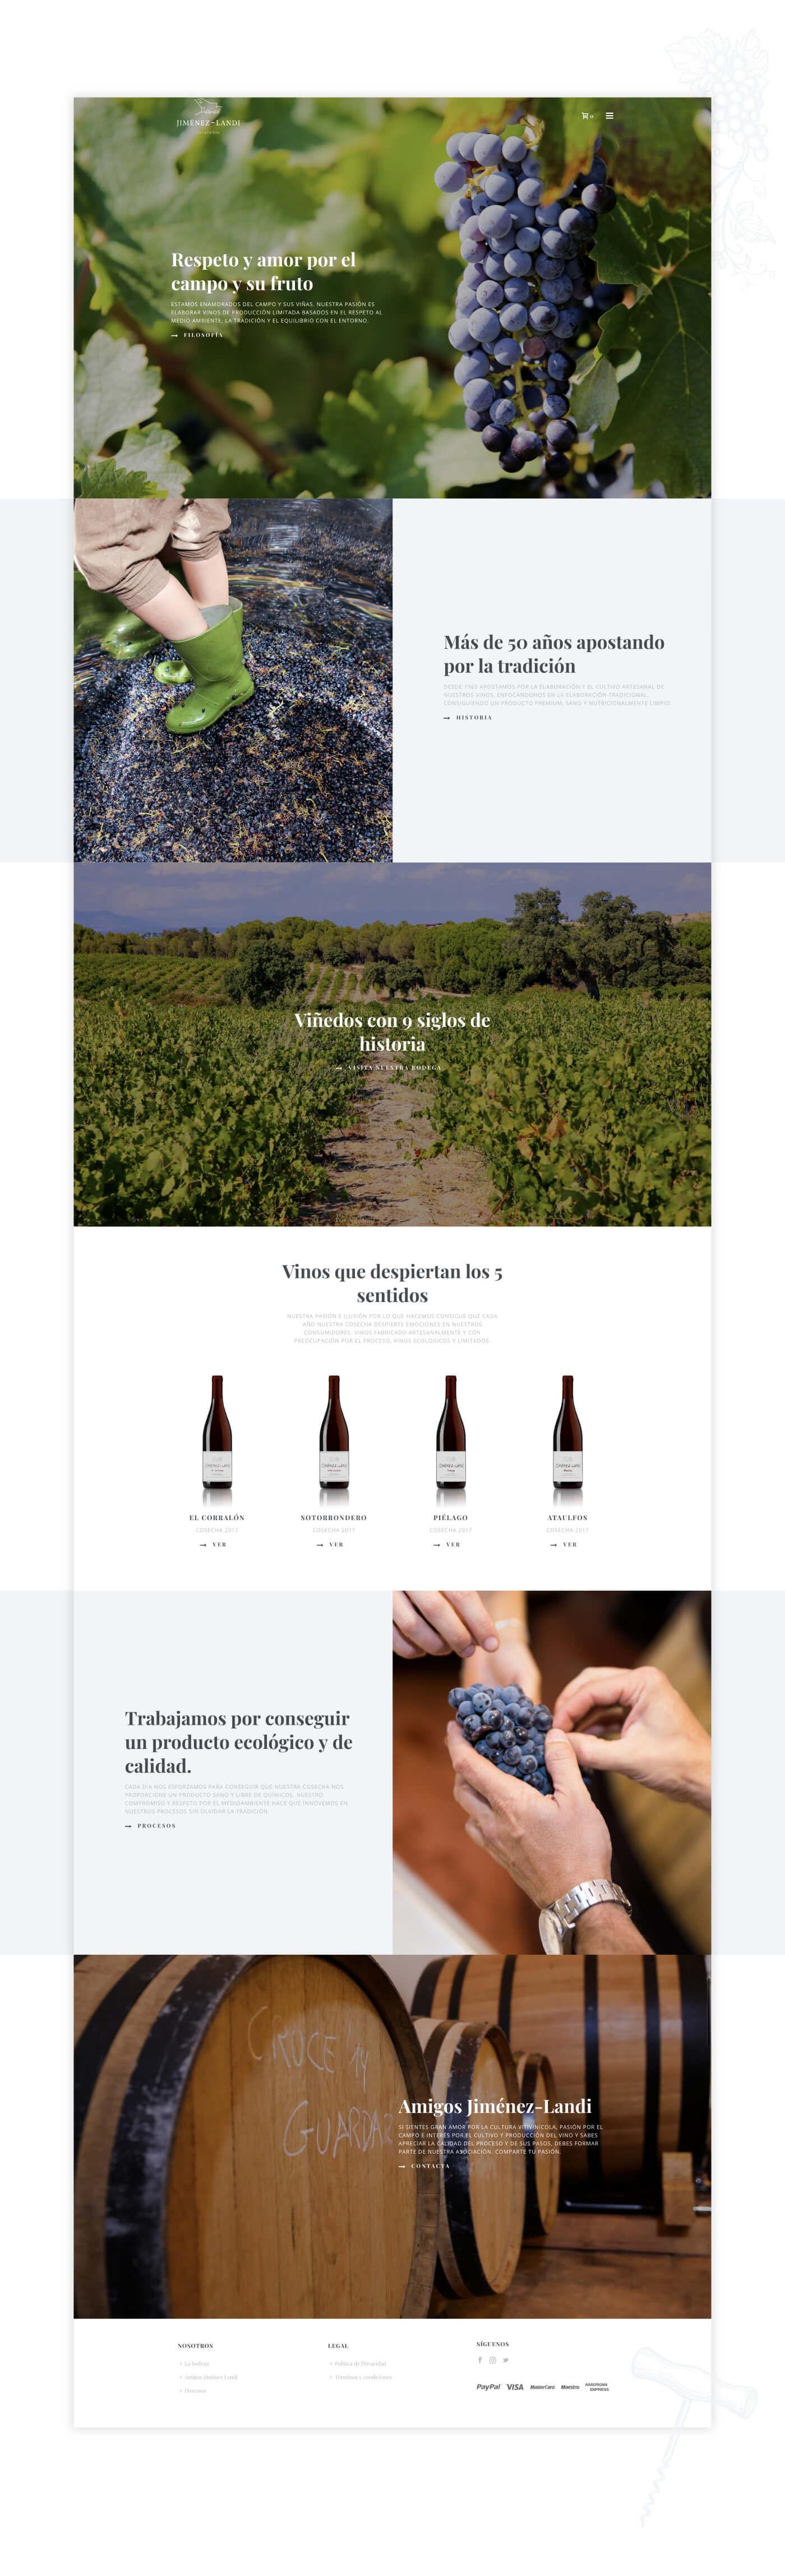 diseno-tienda-online-vinos-ecologicos